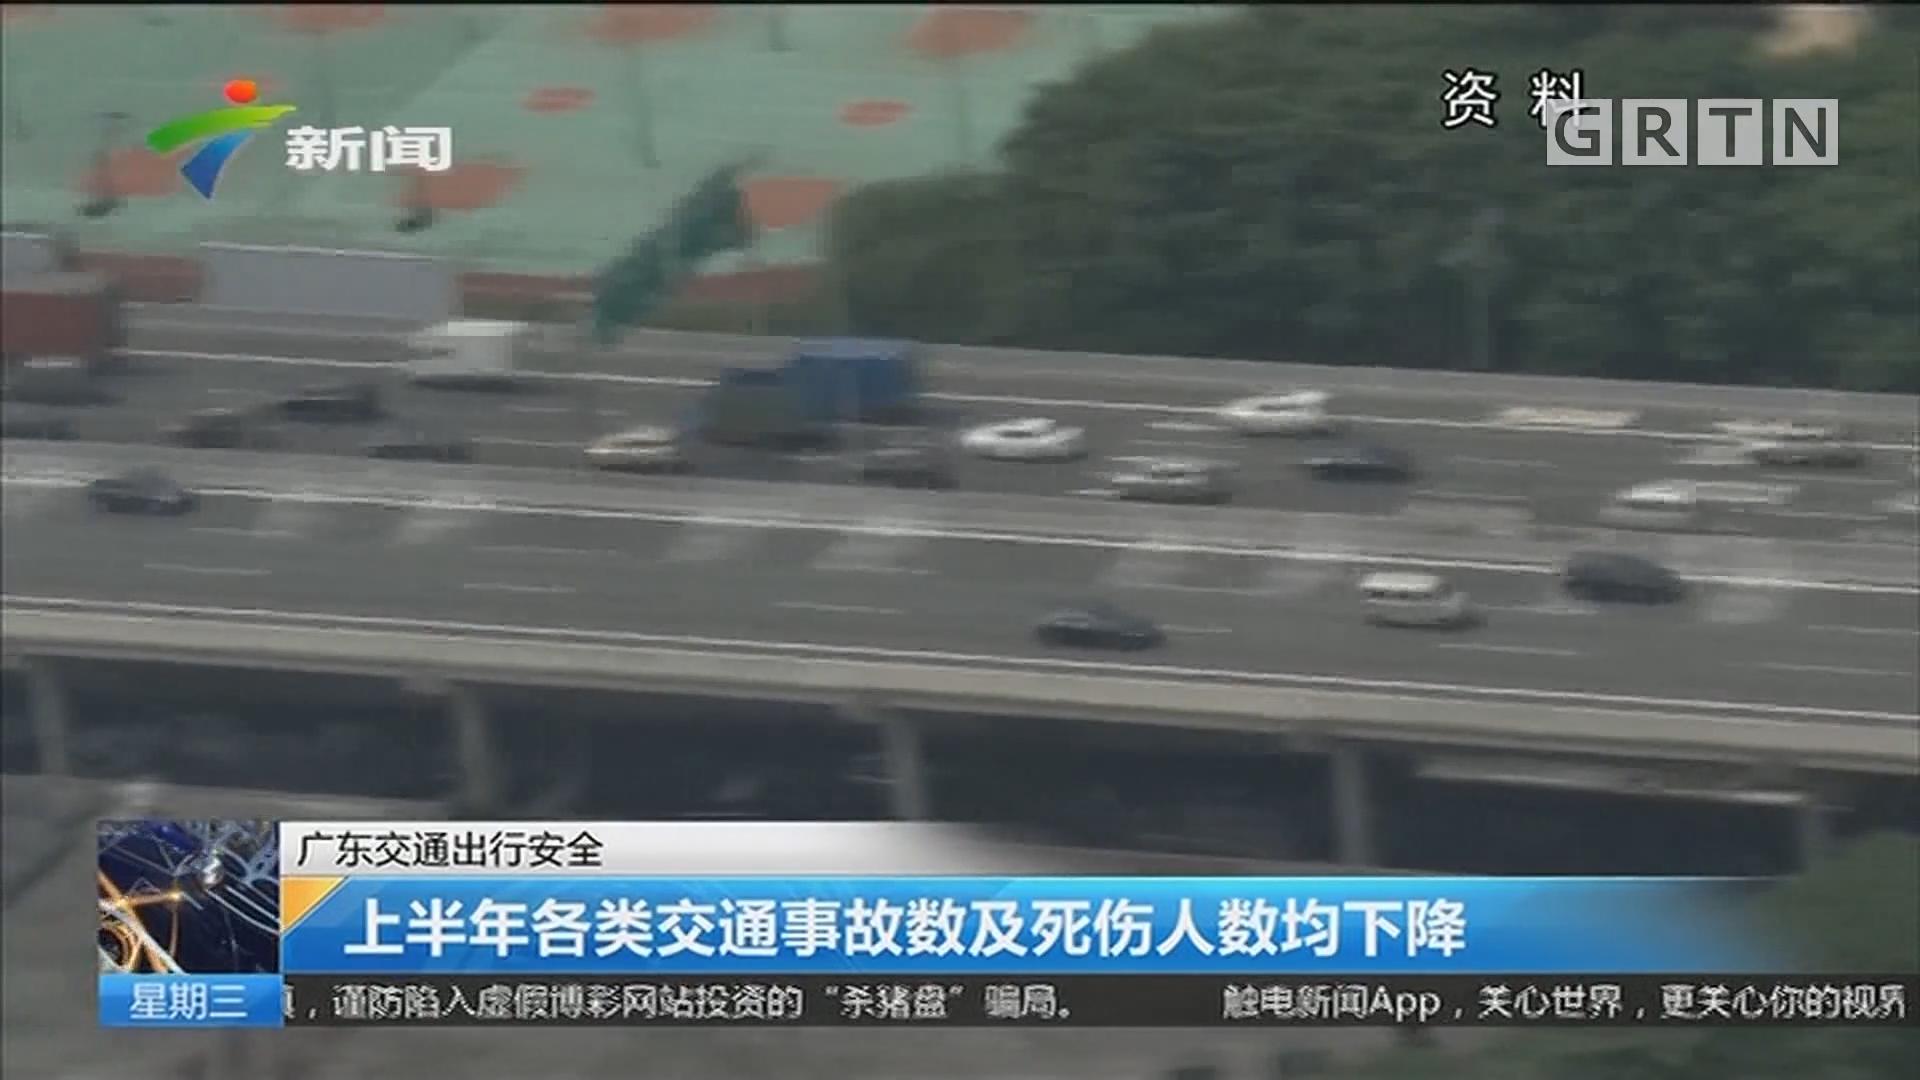 广东交通出行安全:上半年各类交通事故数及死伤人数均下降